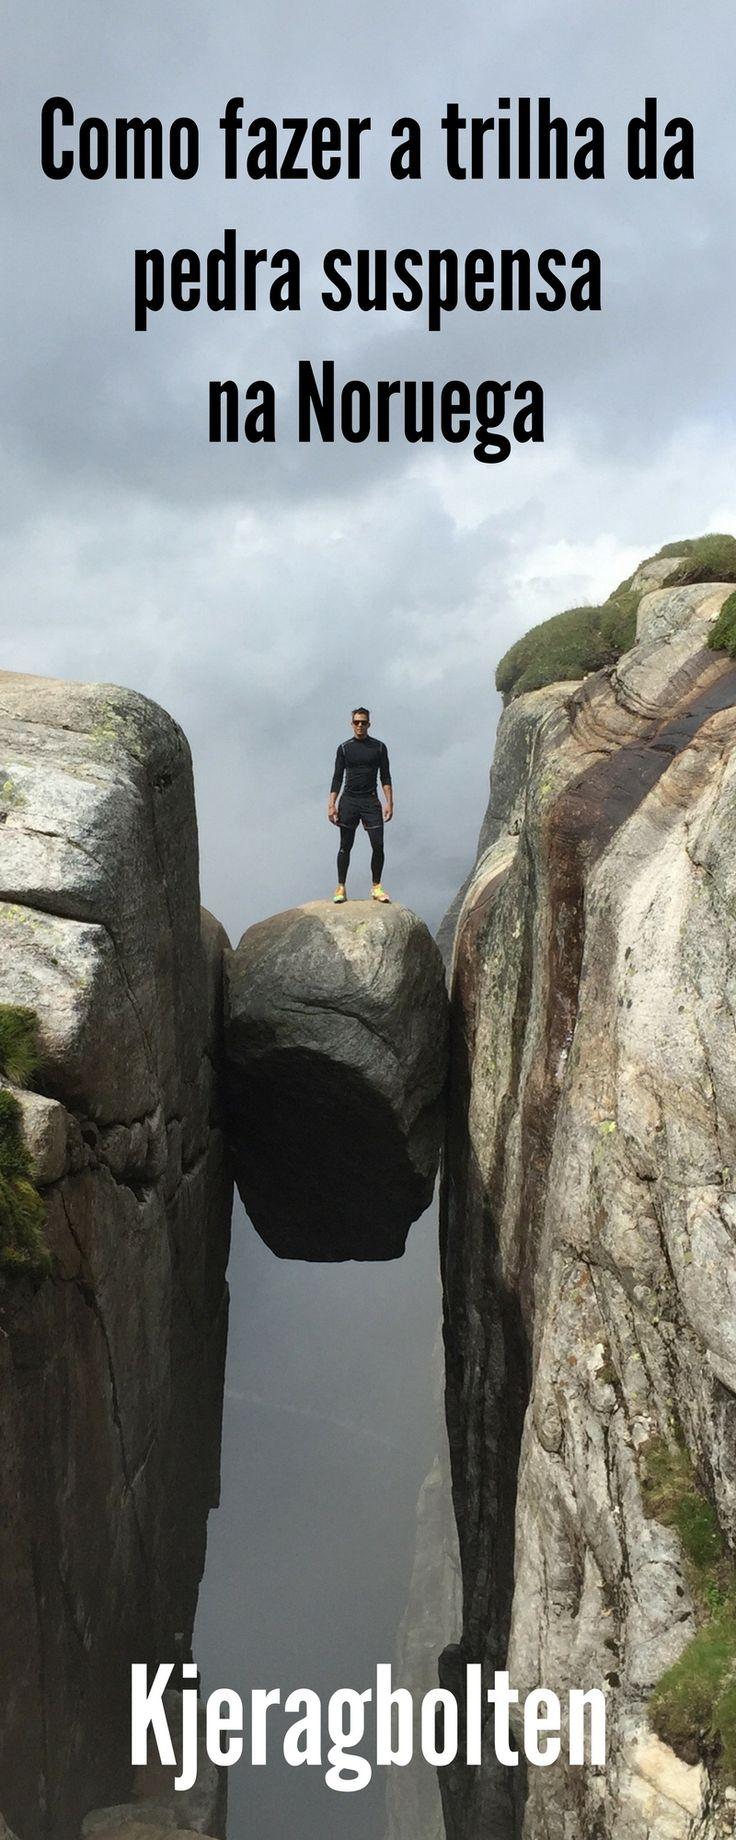 Tudo o que você precisa saber para fazer a trilha a pedra suspensa na Noruega.